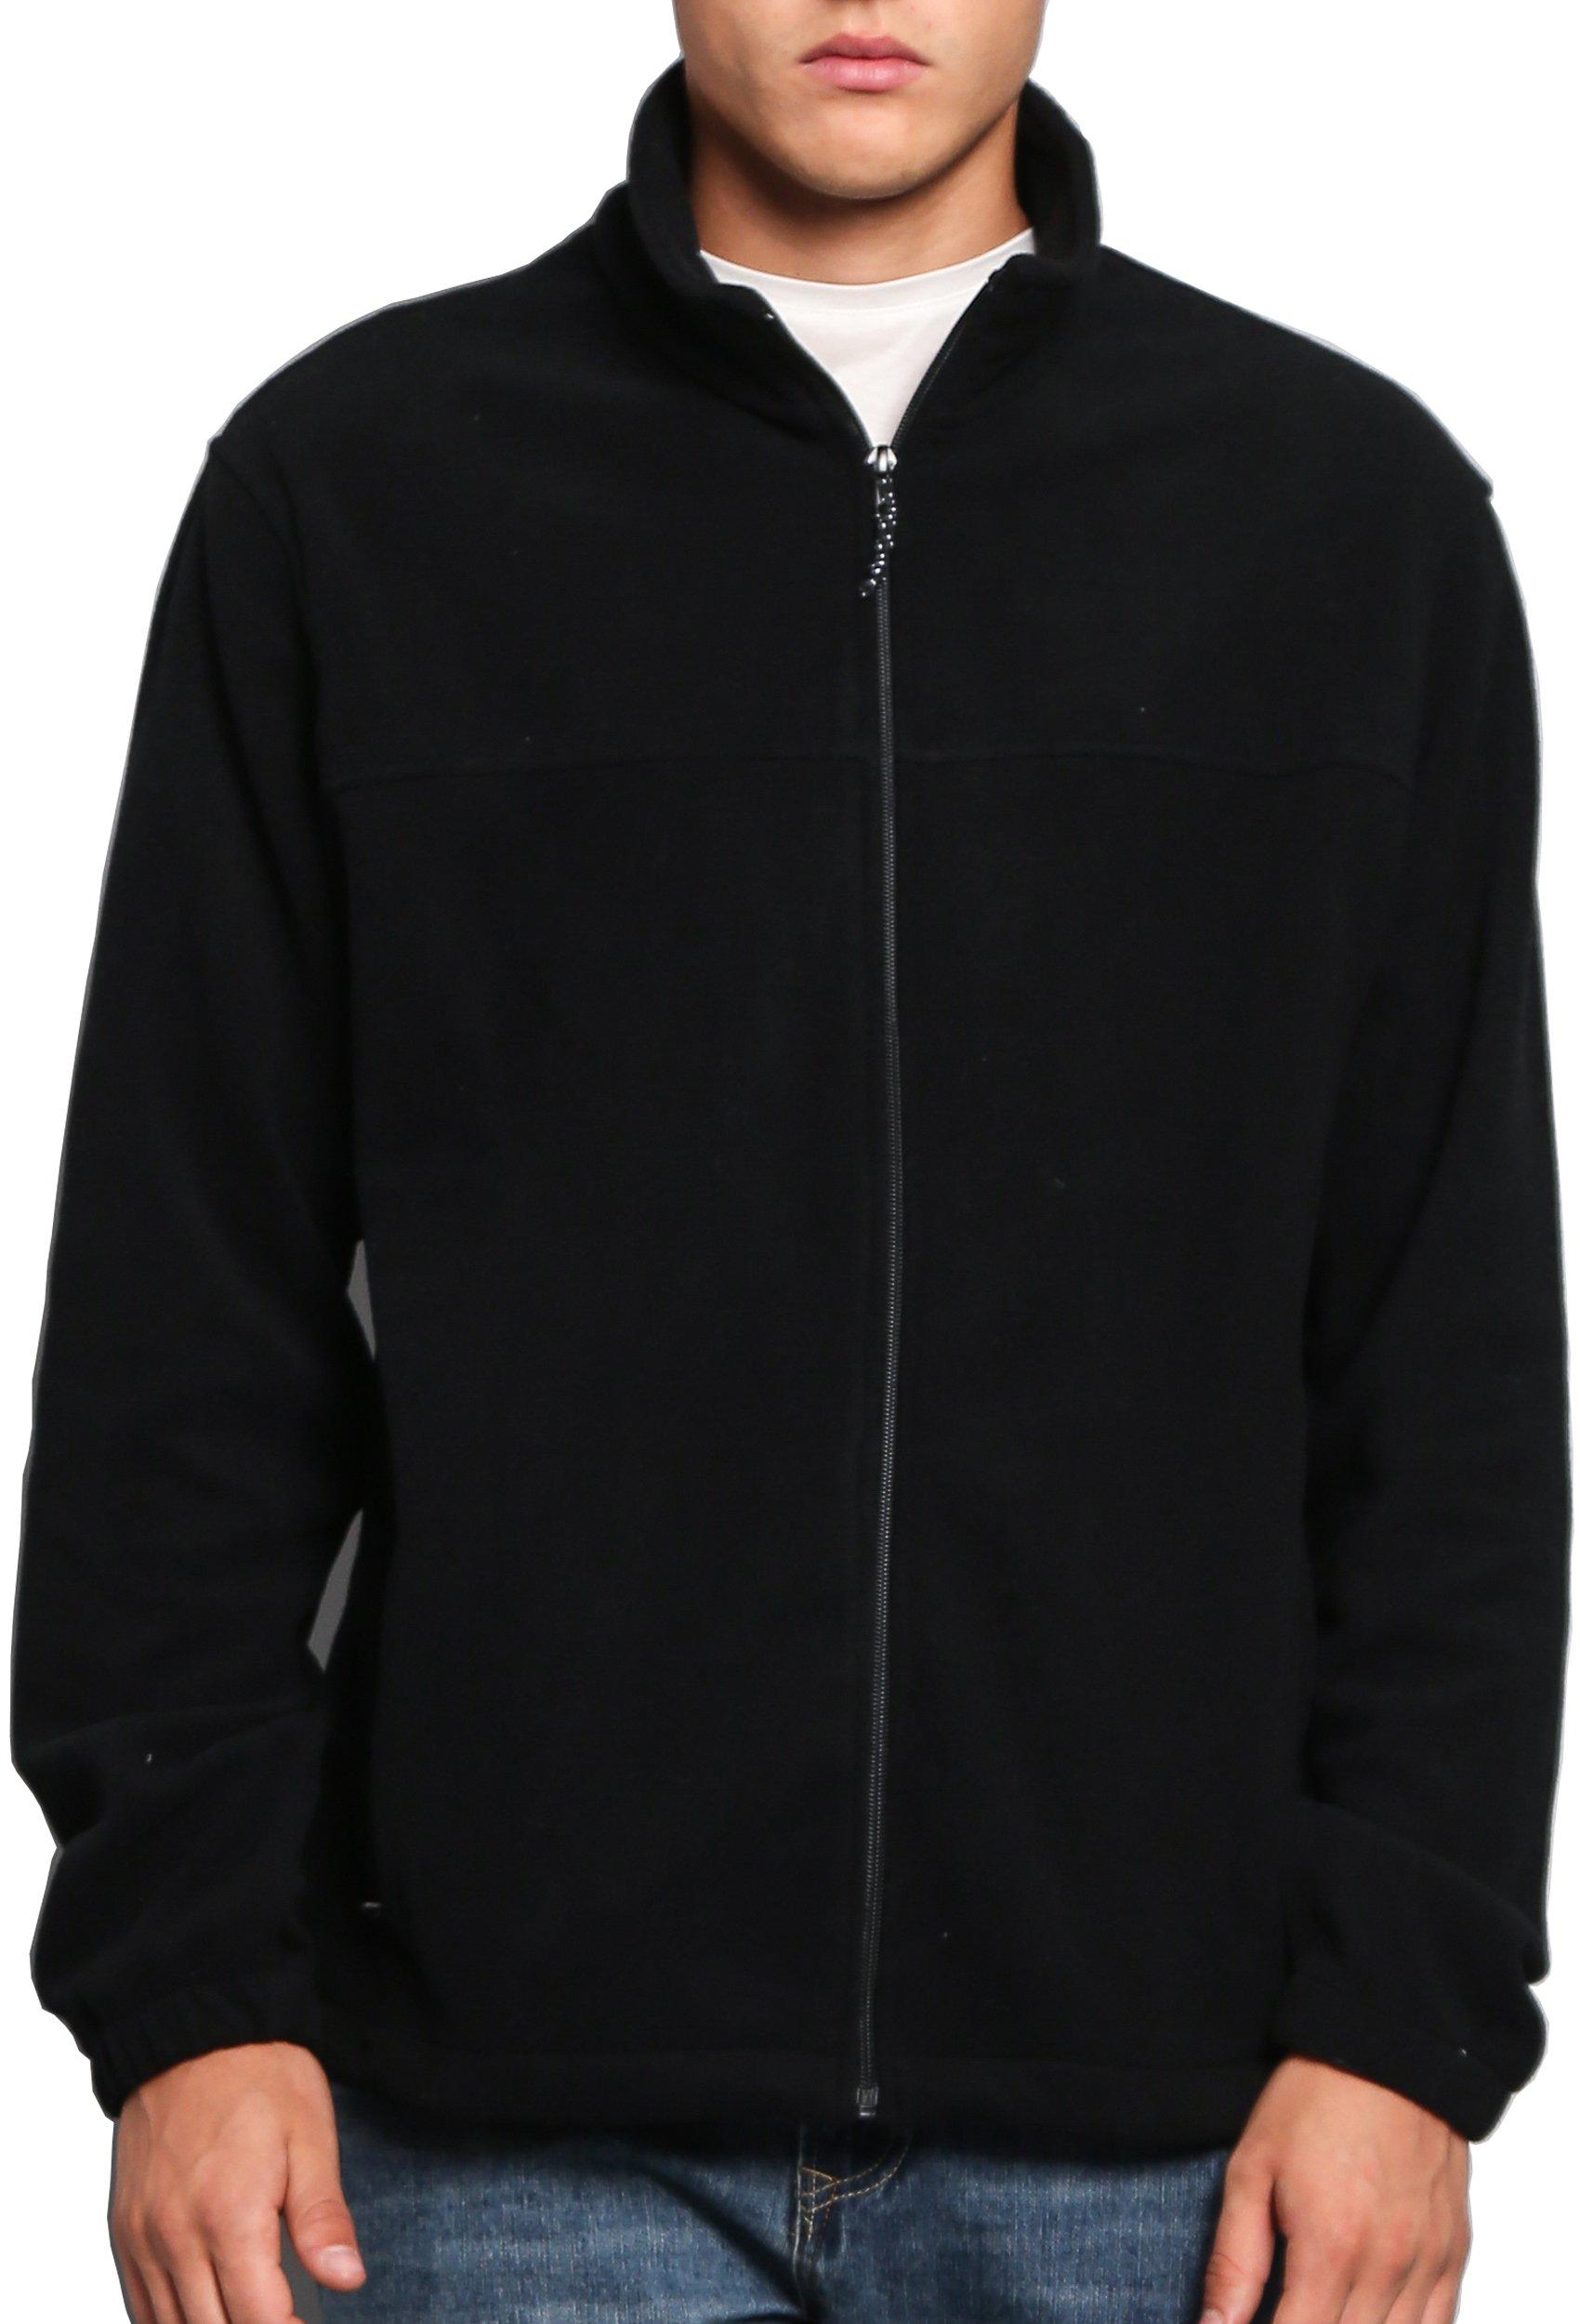 Oalka Men Spring Fall Sport Full Zip Fleece Jackets Black S by Oalka